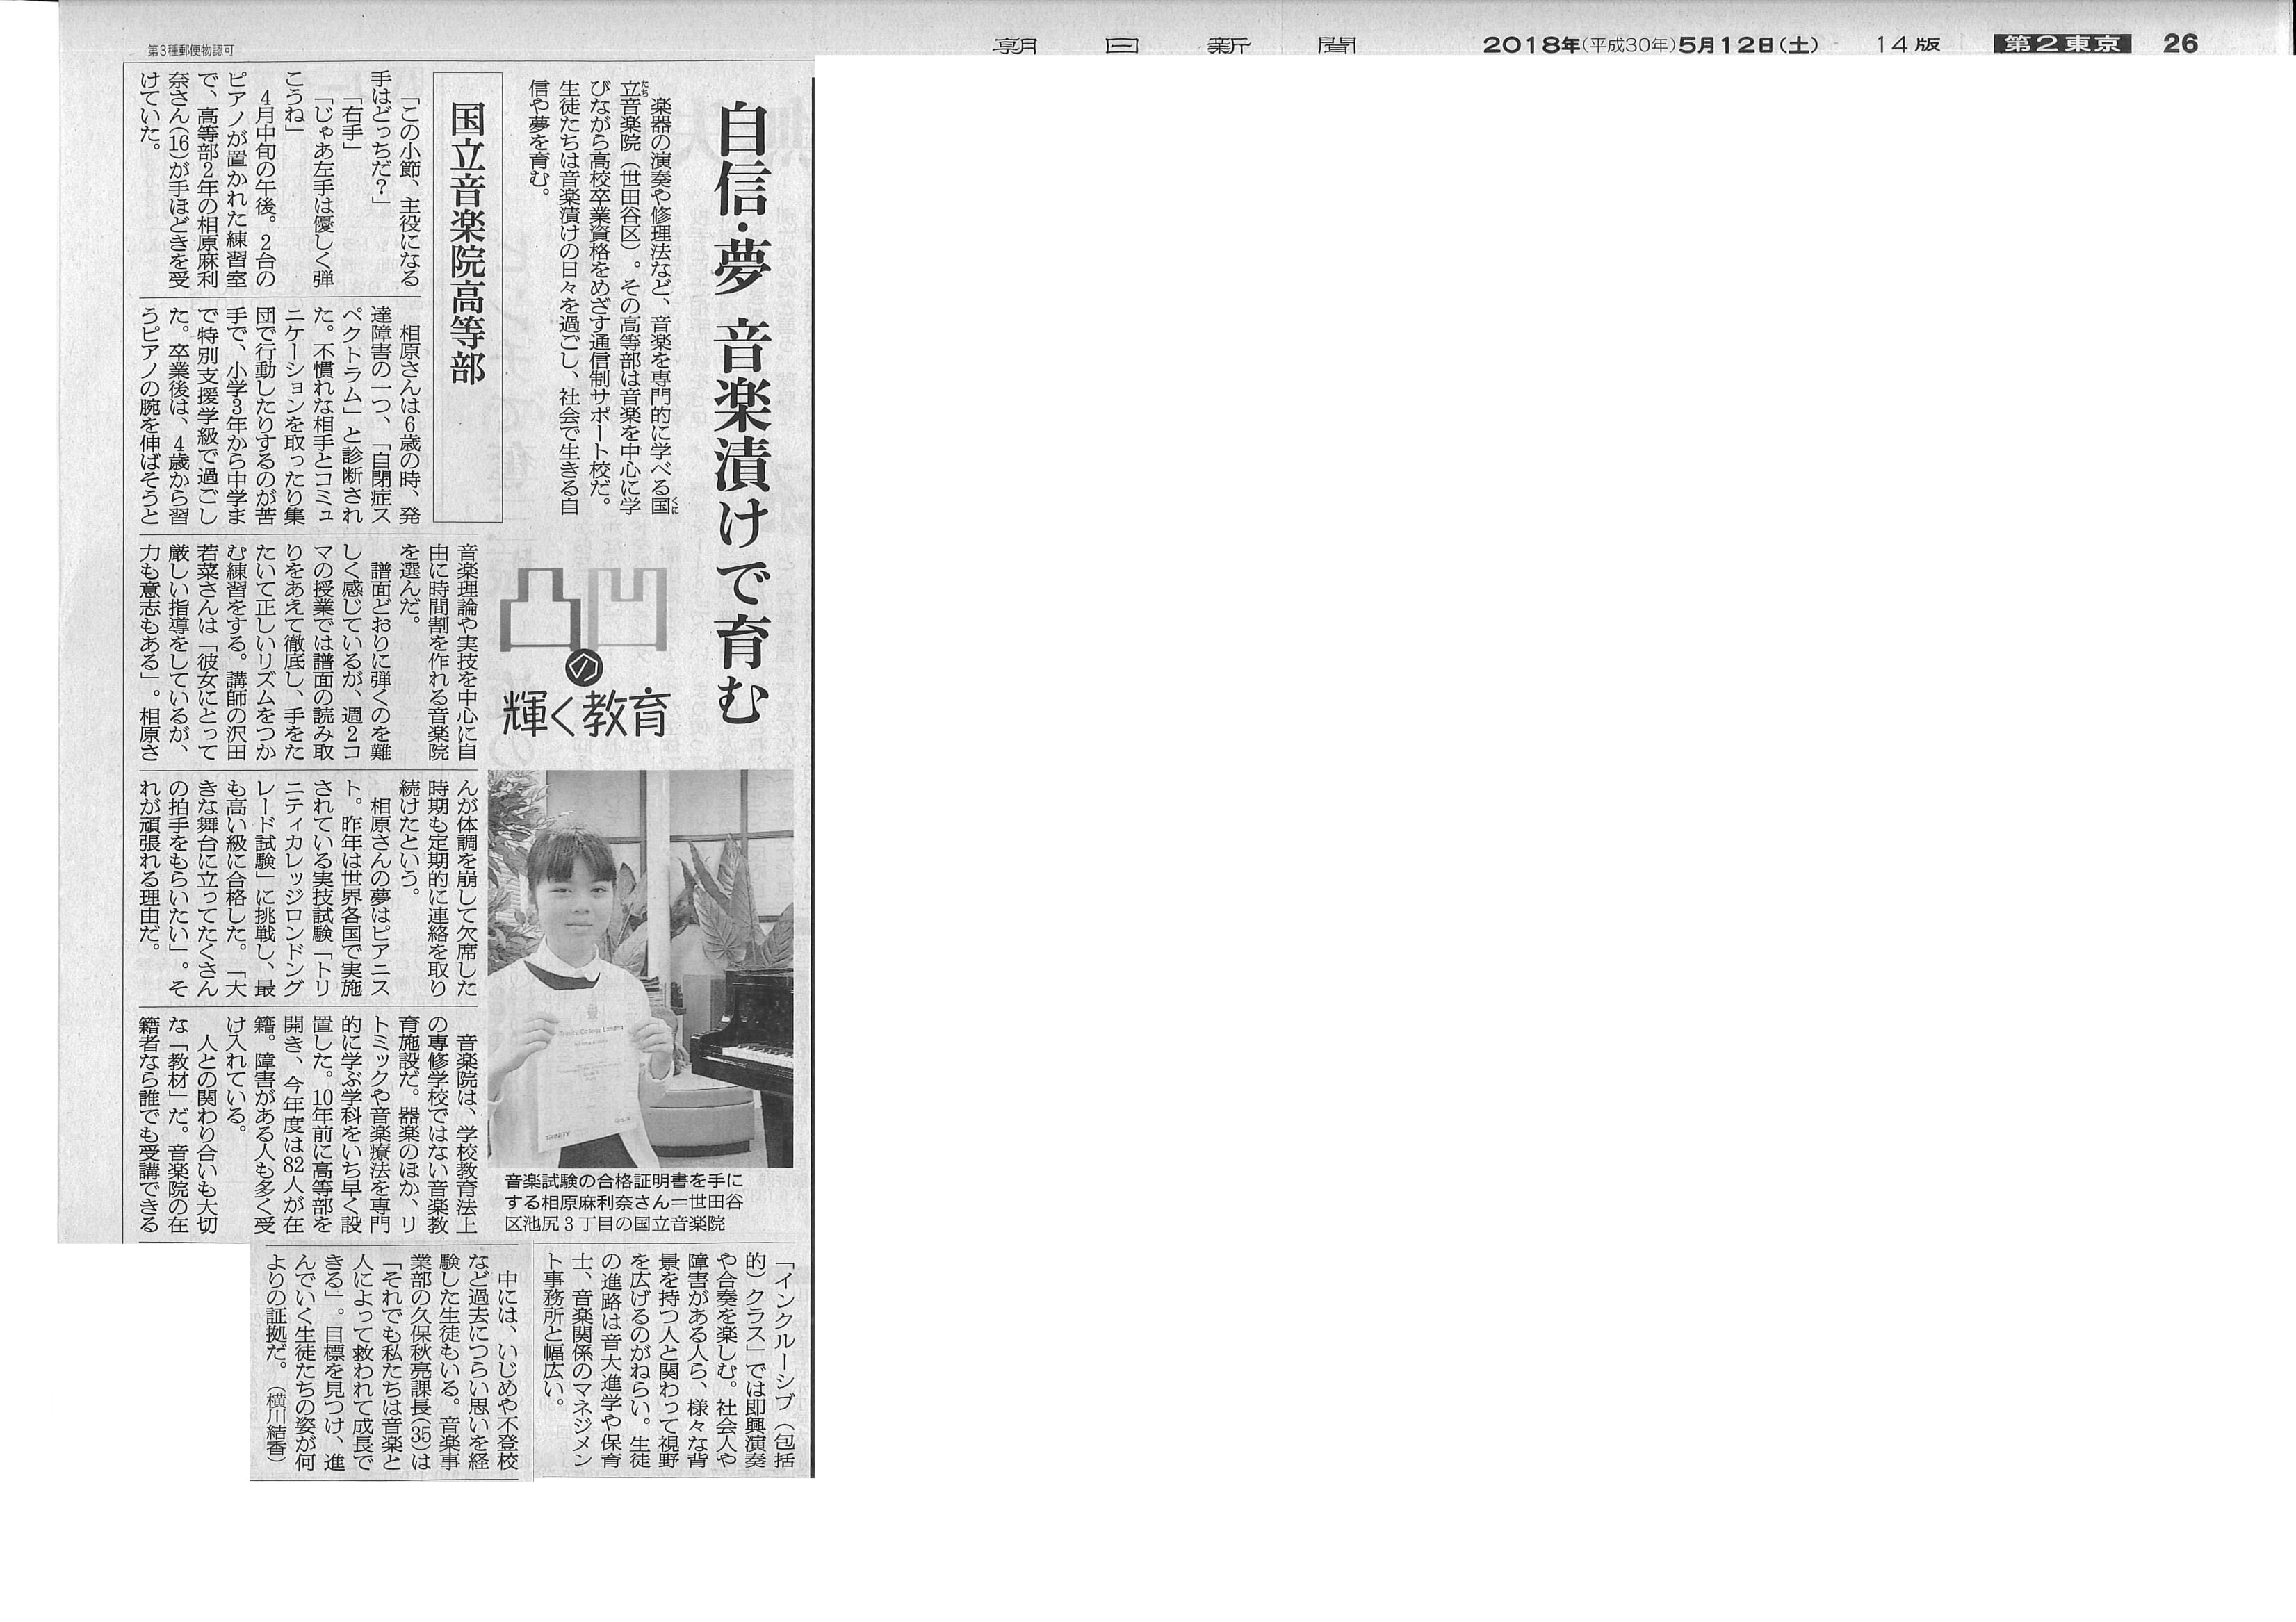 朝日新聞東京版の該当記事、切り抜き。